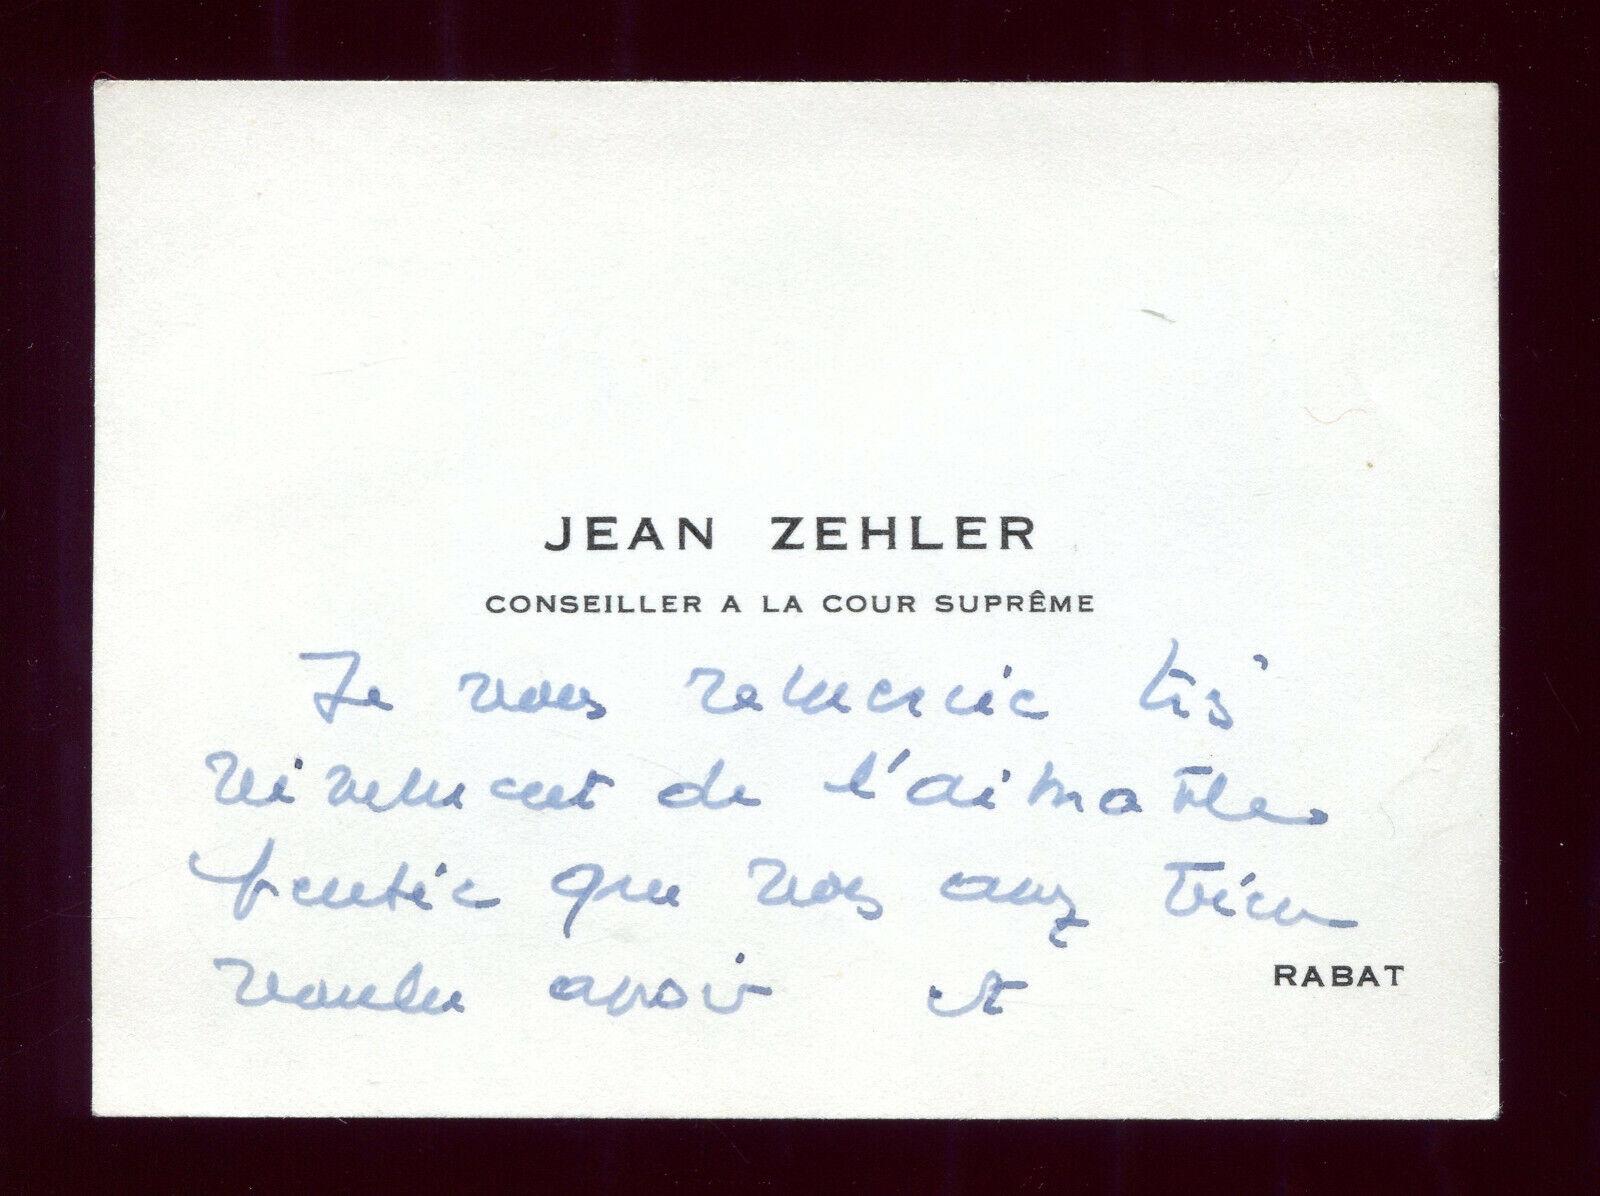 Carte de visite de mr. jean zehler anc. conseiller à la cour suprême rabat maroc